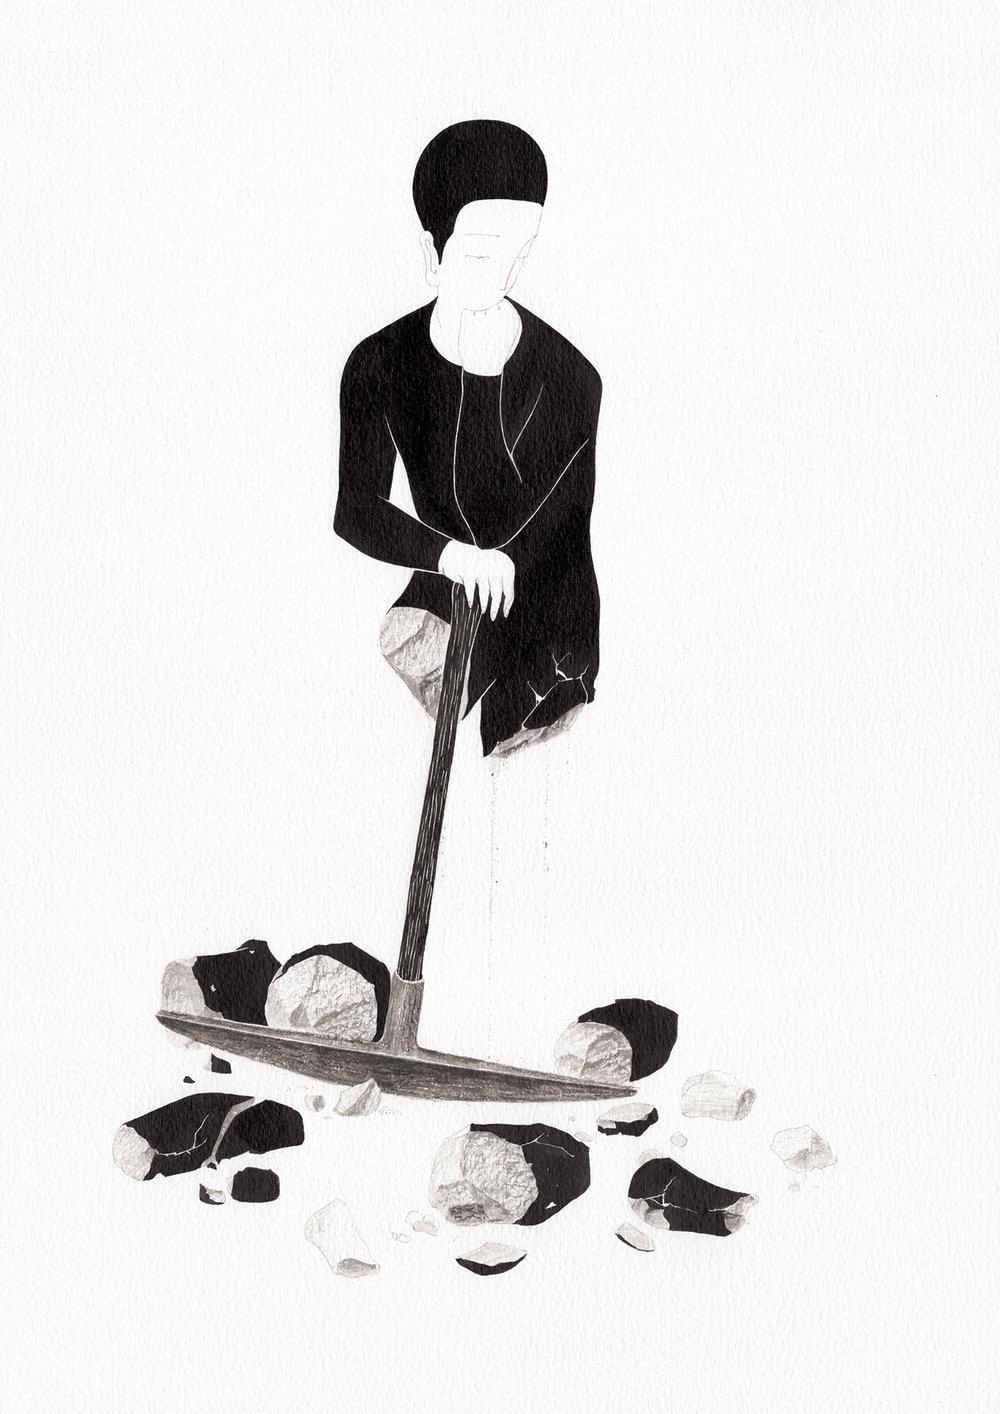 멈추기 위한 파괴 / Deconstruction for reconstruction Op.0193P -29.7 x 42 cm,종이에 잉크 / Ink on paper, 2017 inspired by the sculpture, 'Le Terrassier' by Alfred Boucher